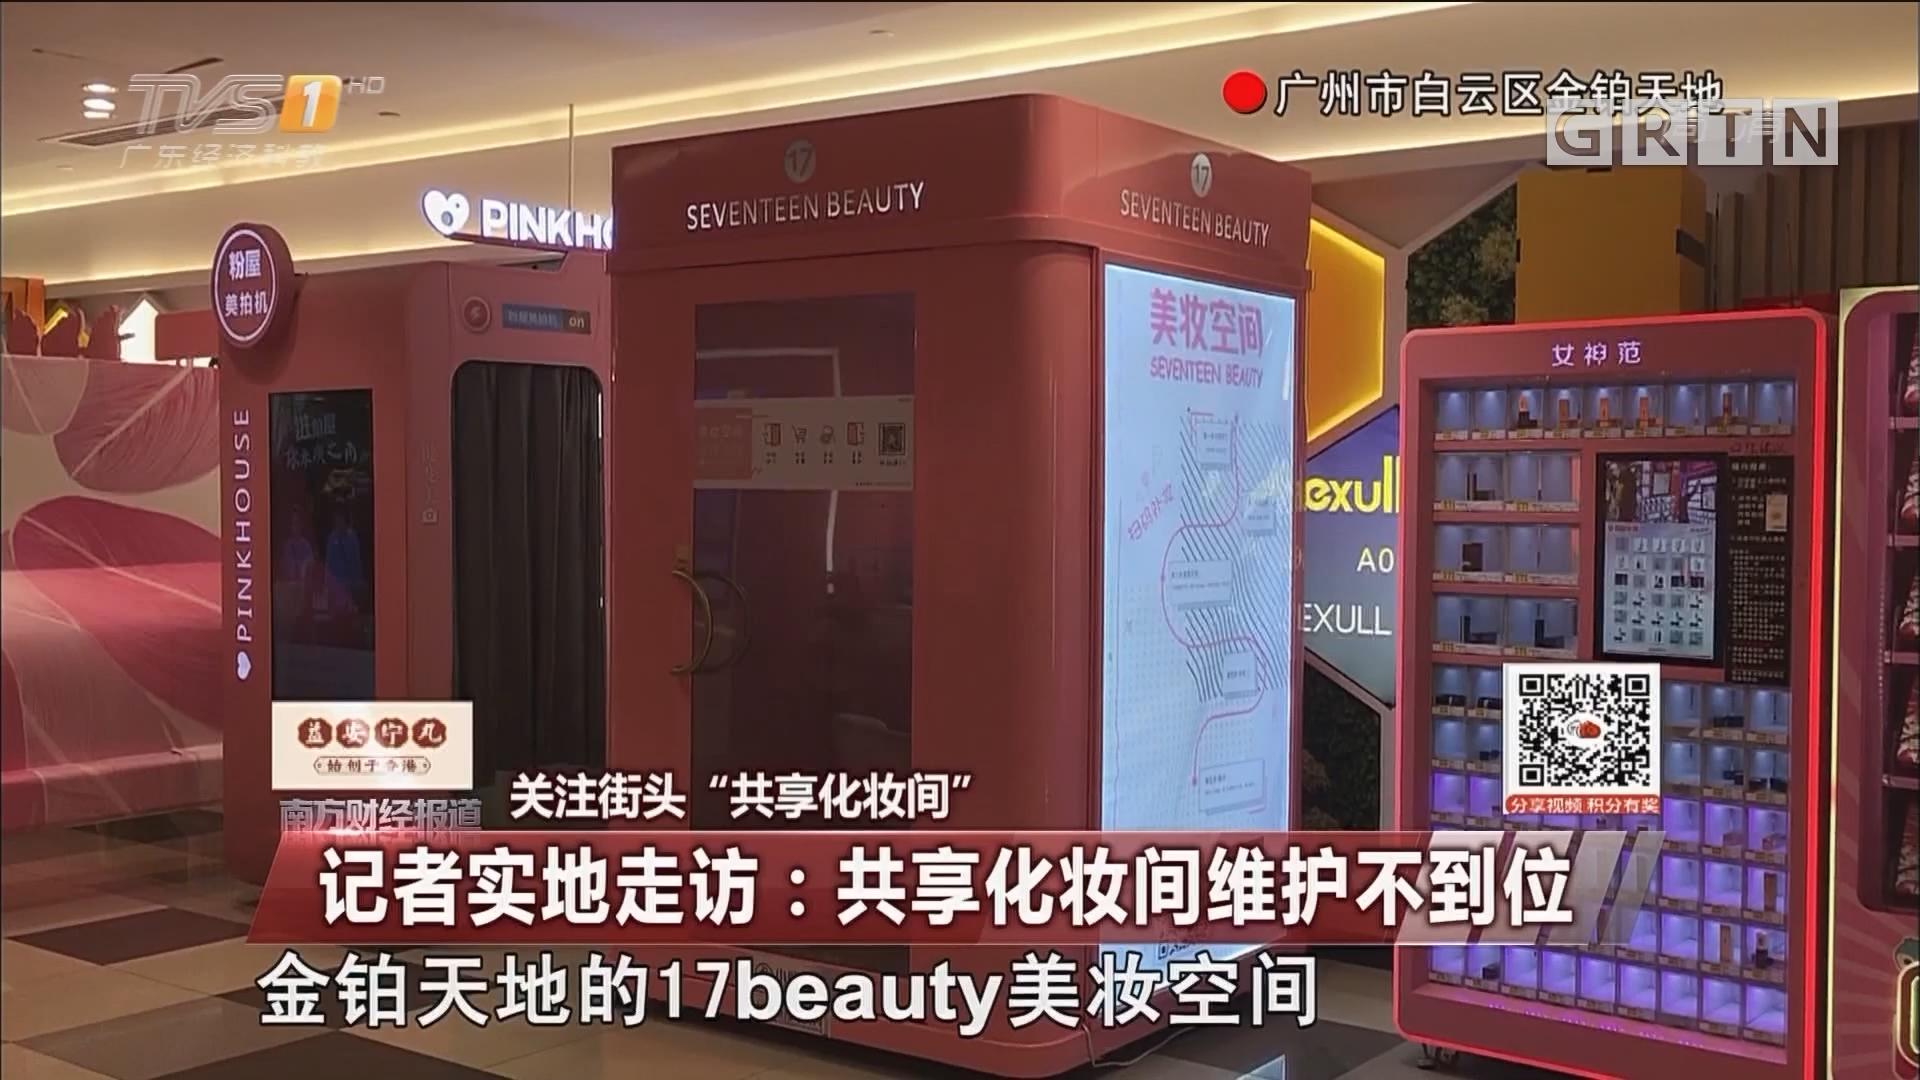 """关注街头""""共享化妆间"""" 广州街头共享化妆间兴起 市民褒贬不一"""